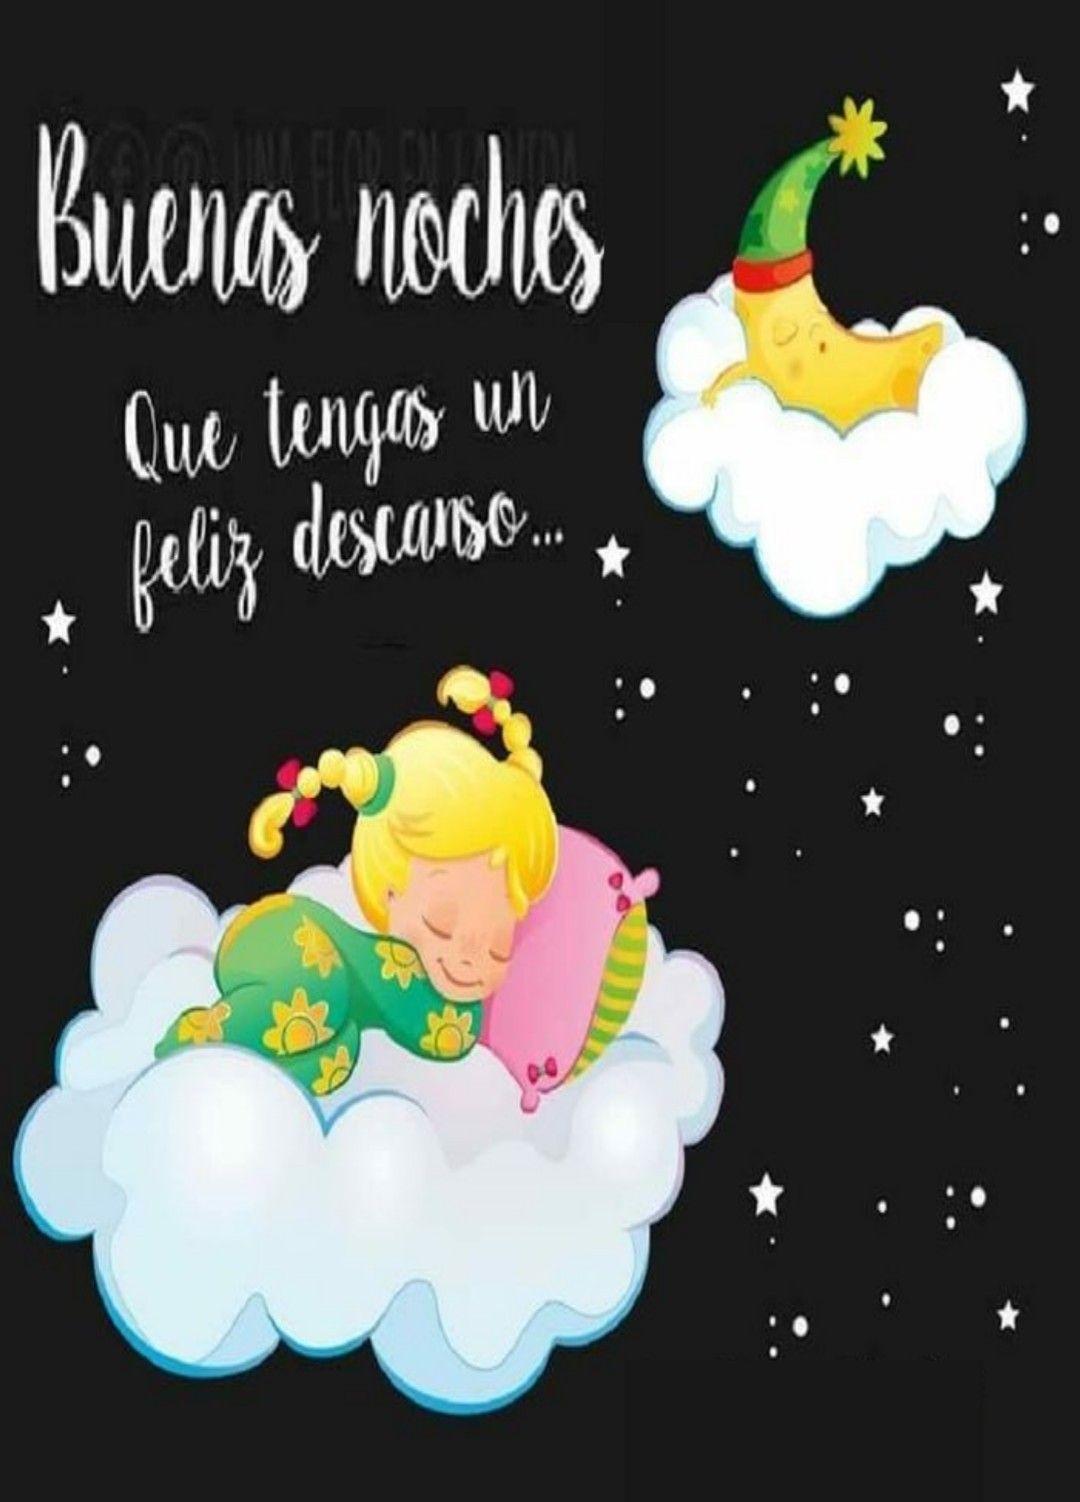 Noches Amigos Buenas Noches Dulces Suenos Frases Lindas De Buenas Noches Gifts De Buenas Noches